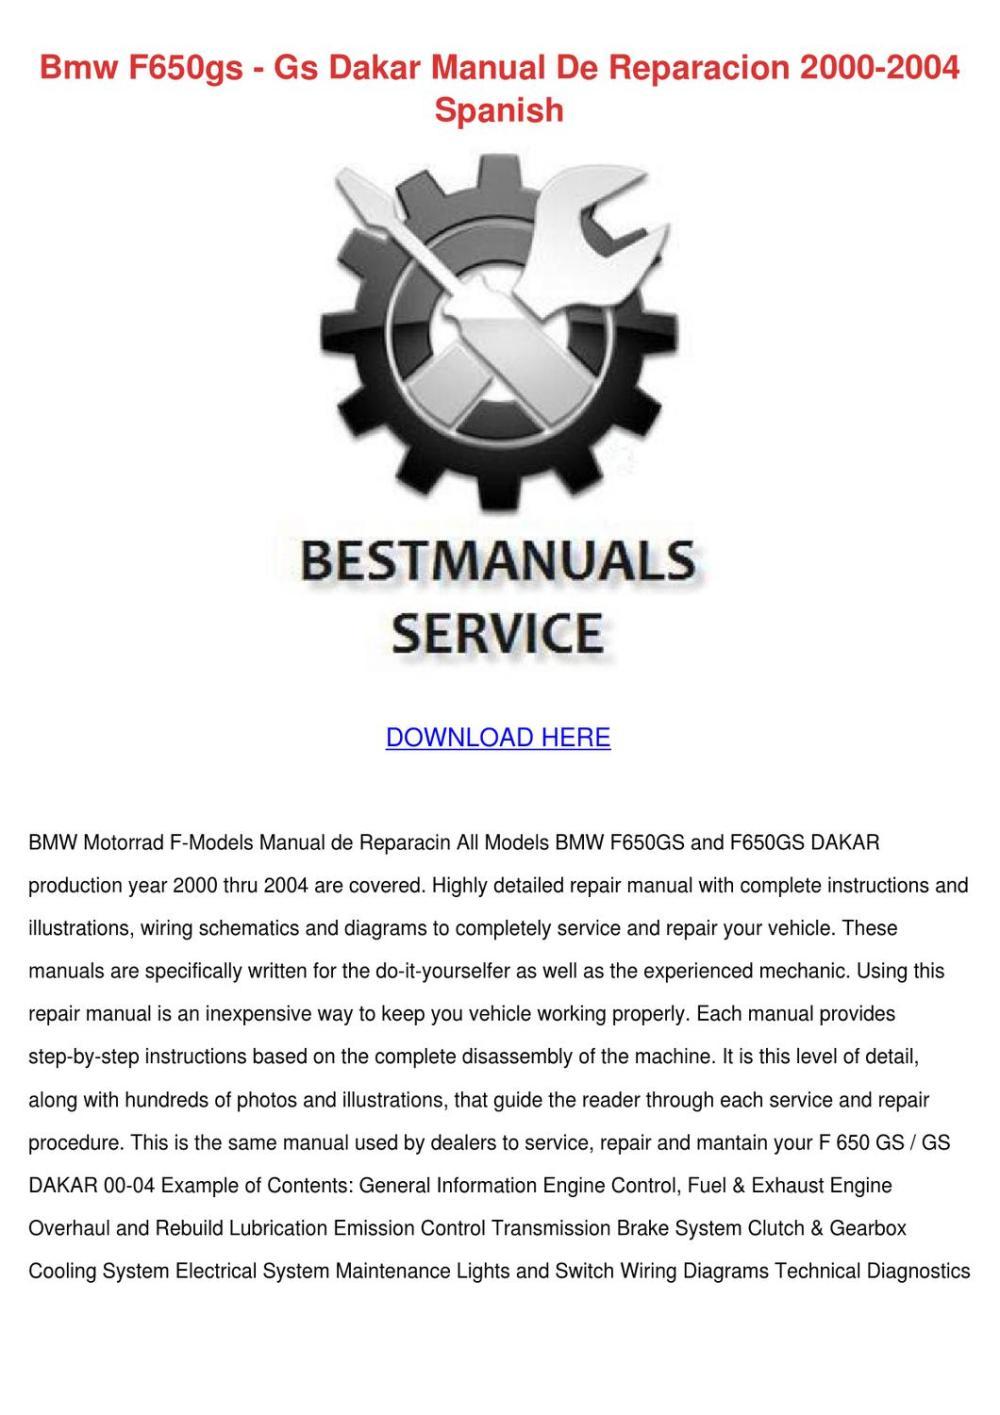 medium resolution of bmw f650gs gs dakar manual de reparacion 2000